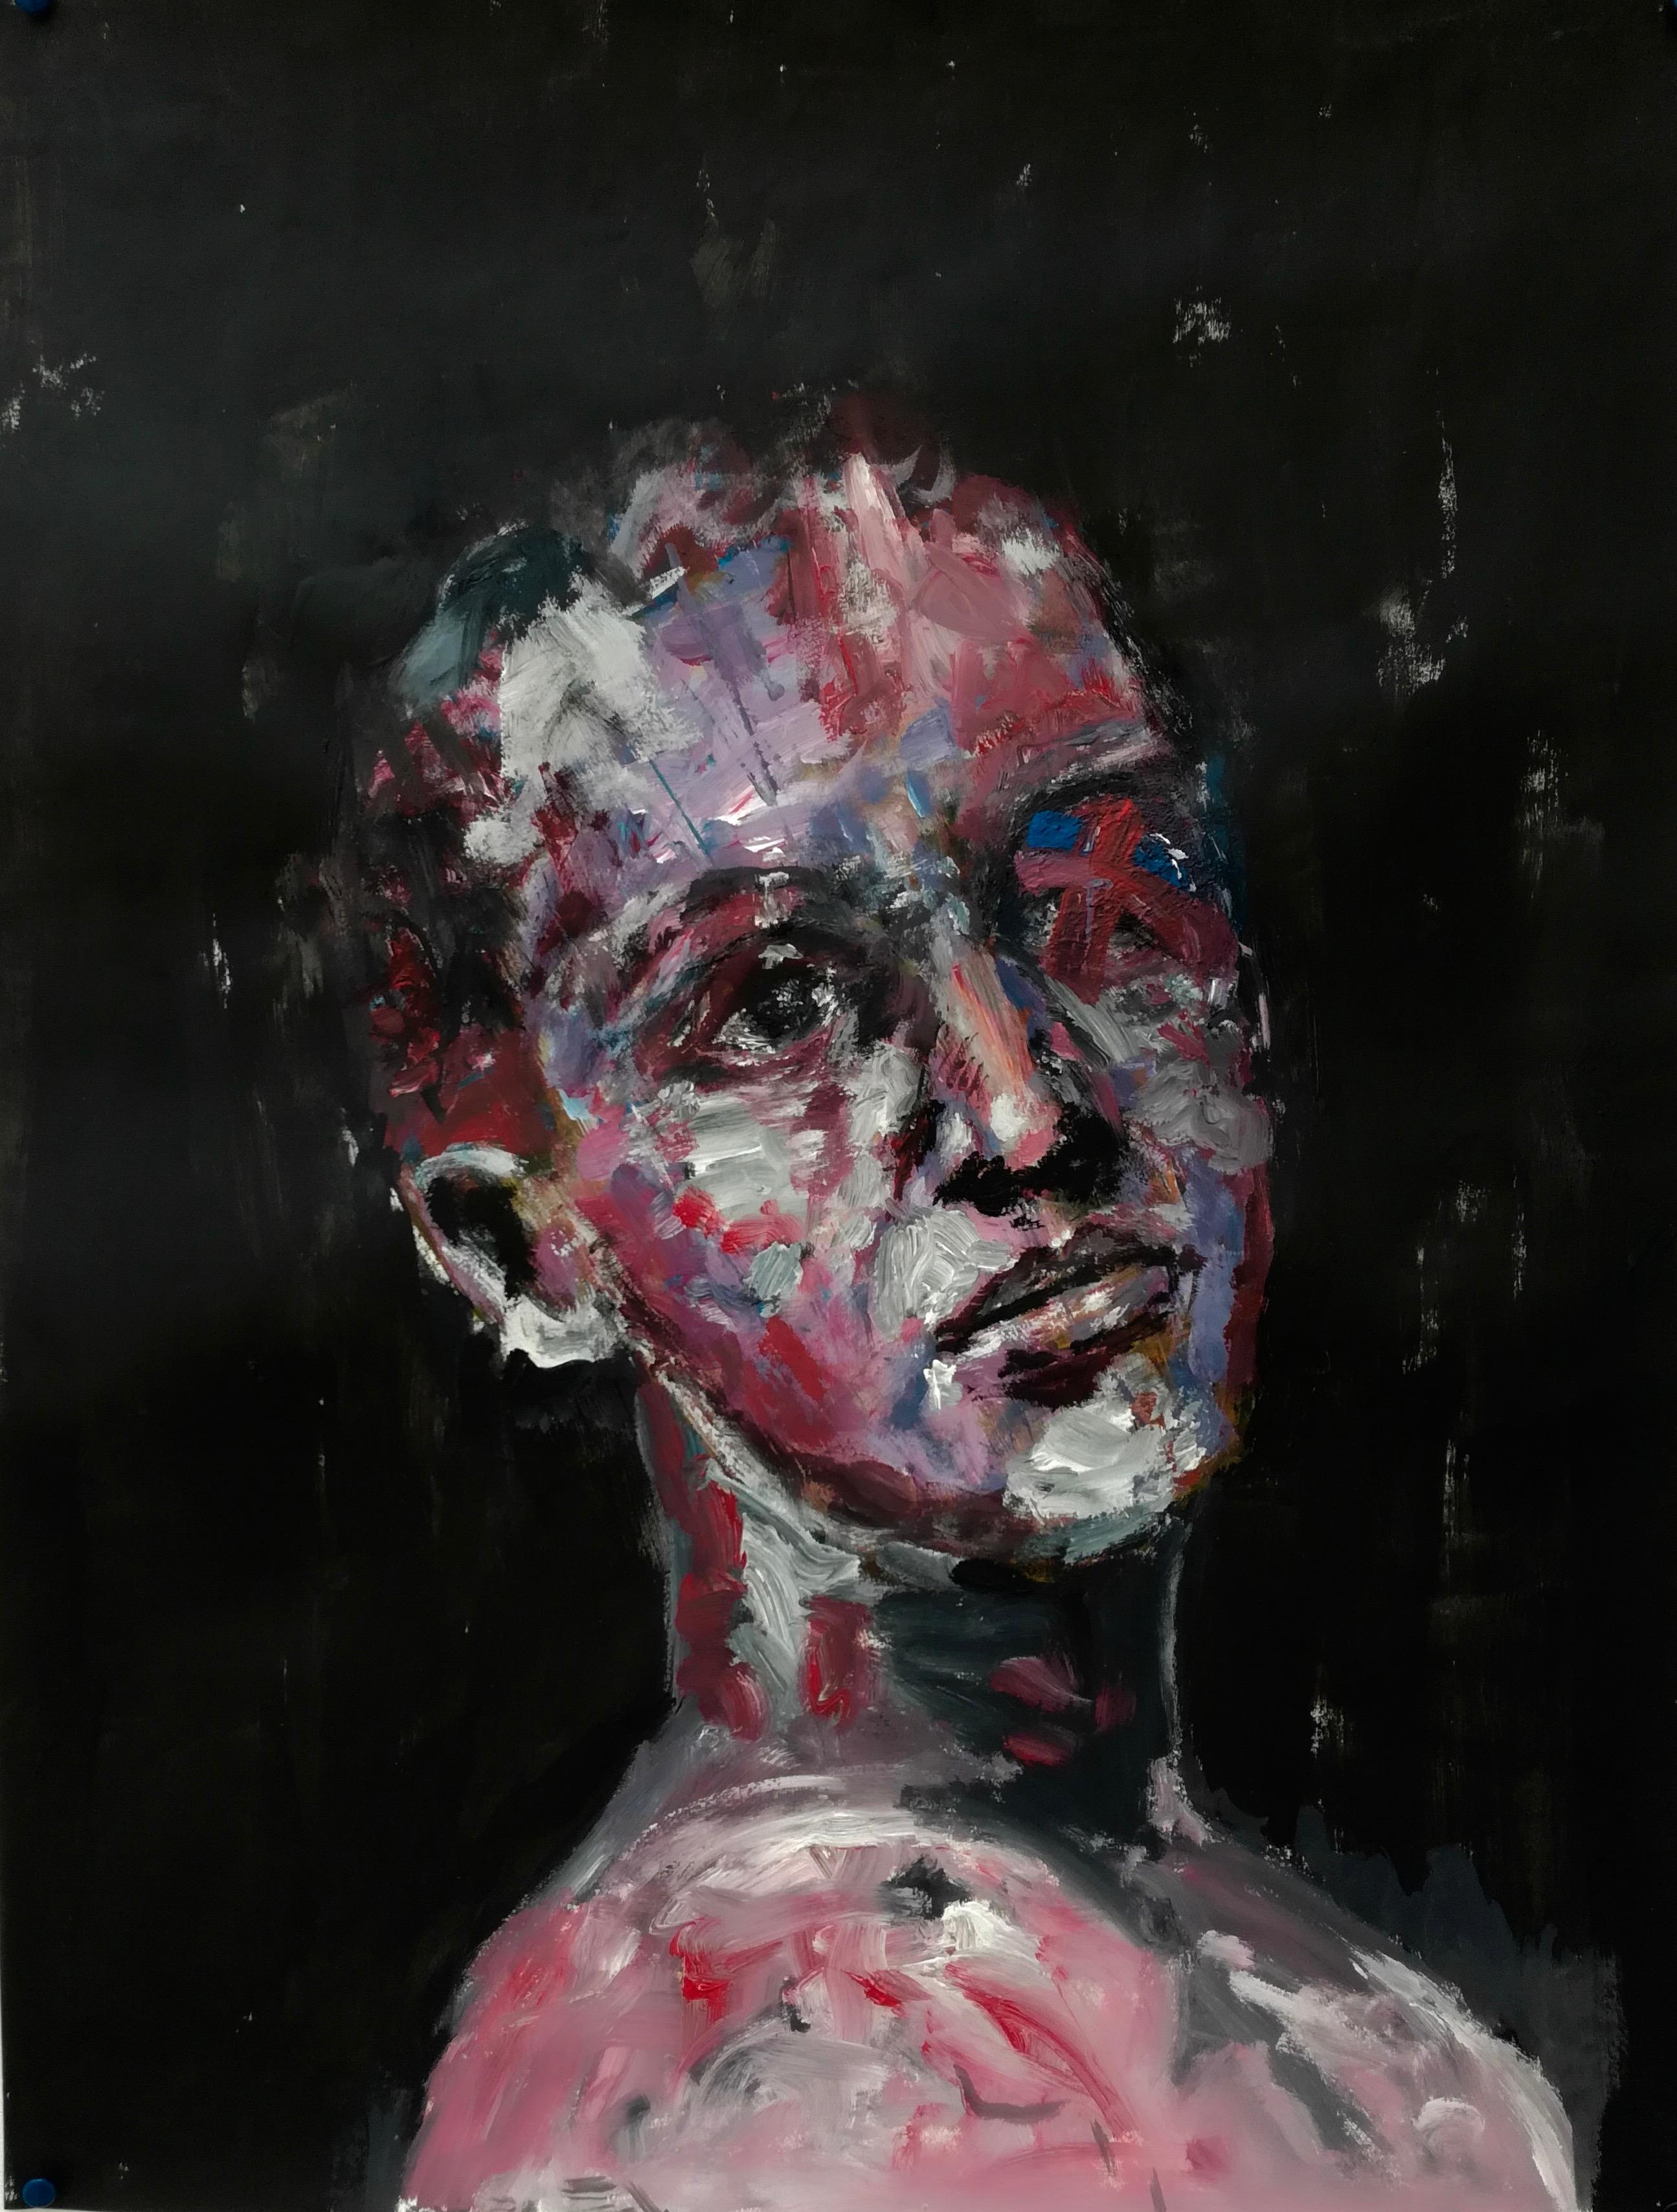 Portrait d'un jeune homme/femme en borgne de l'oeil droit sur fond sombre. Peinture acrylique sur papier, par Stanmac.